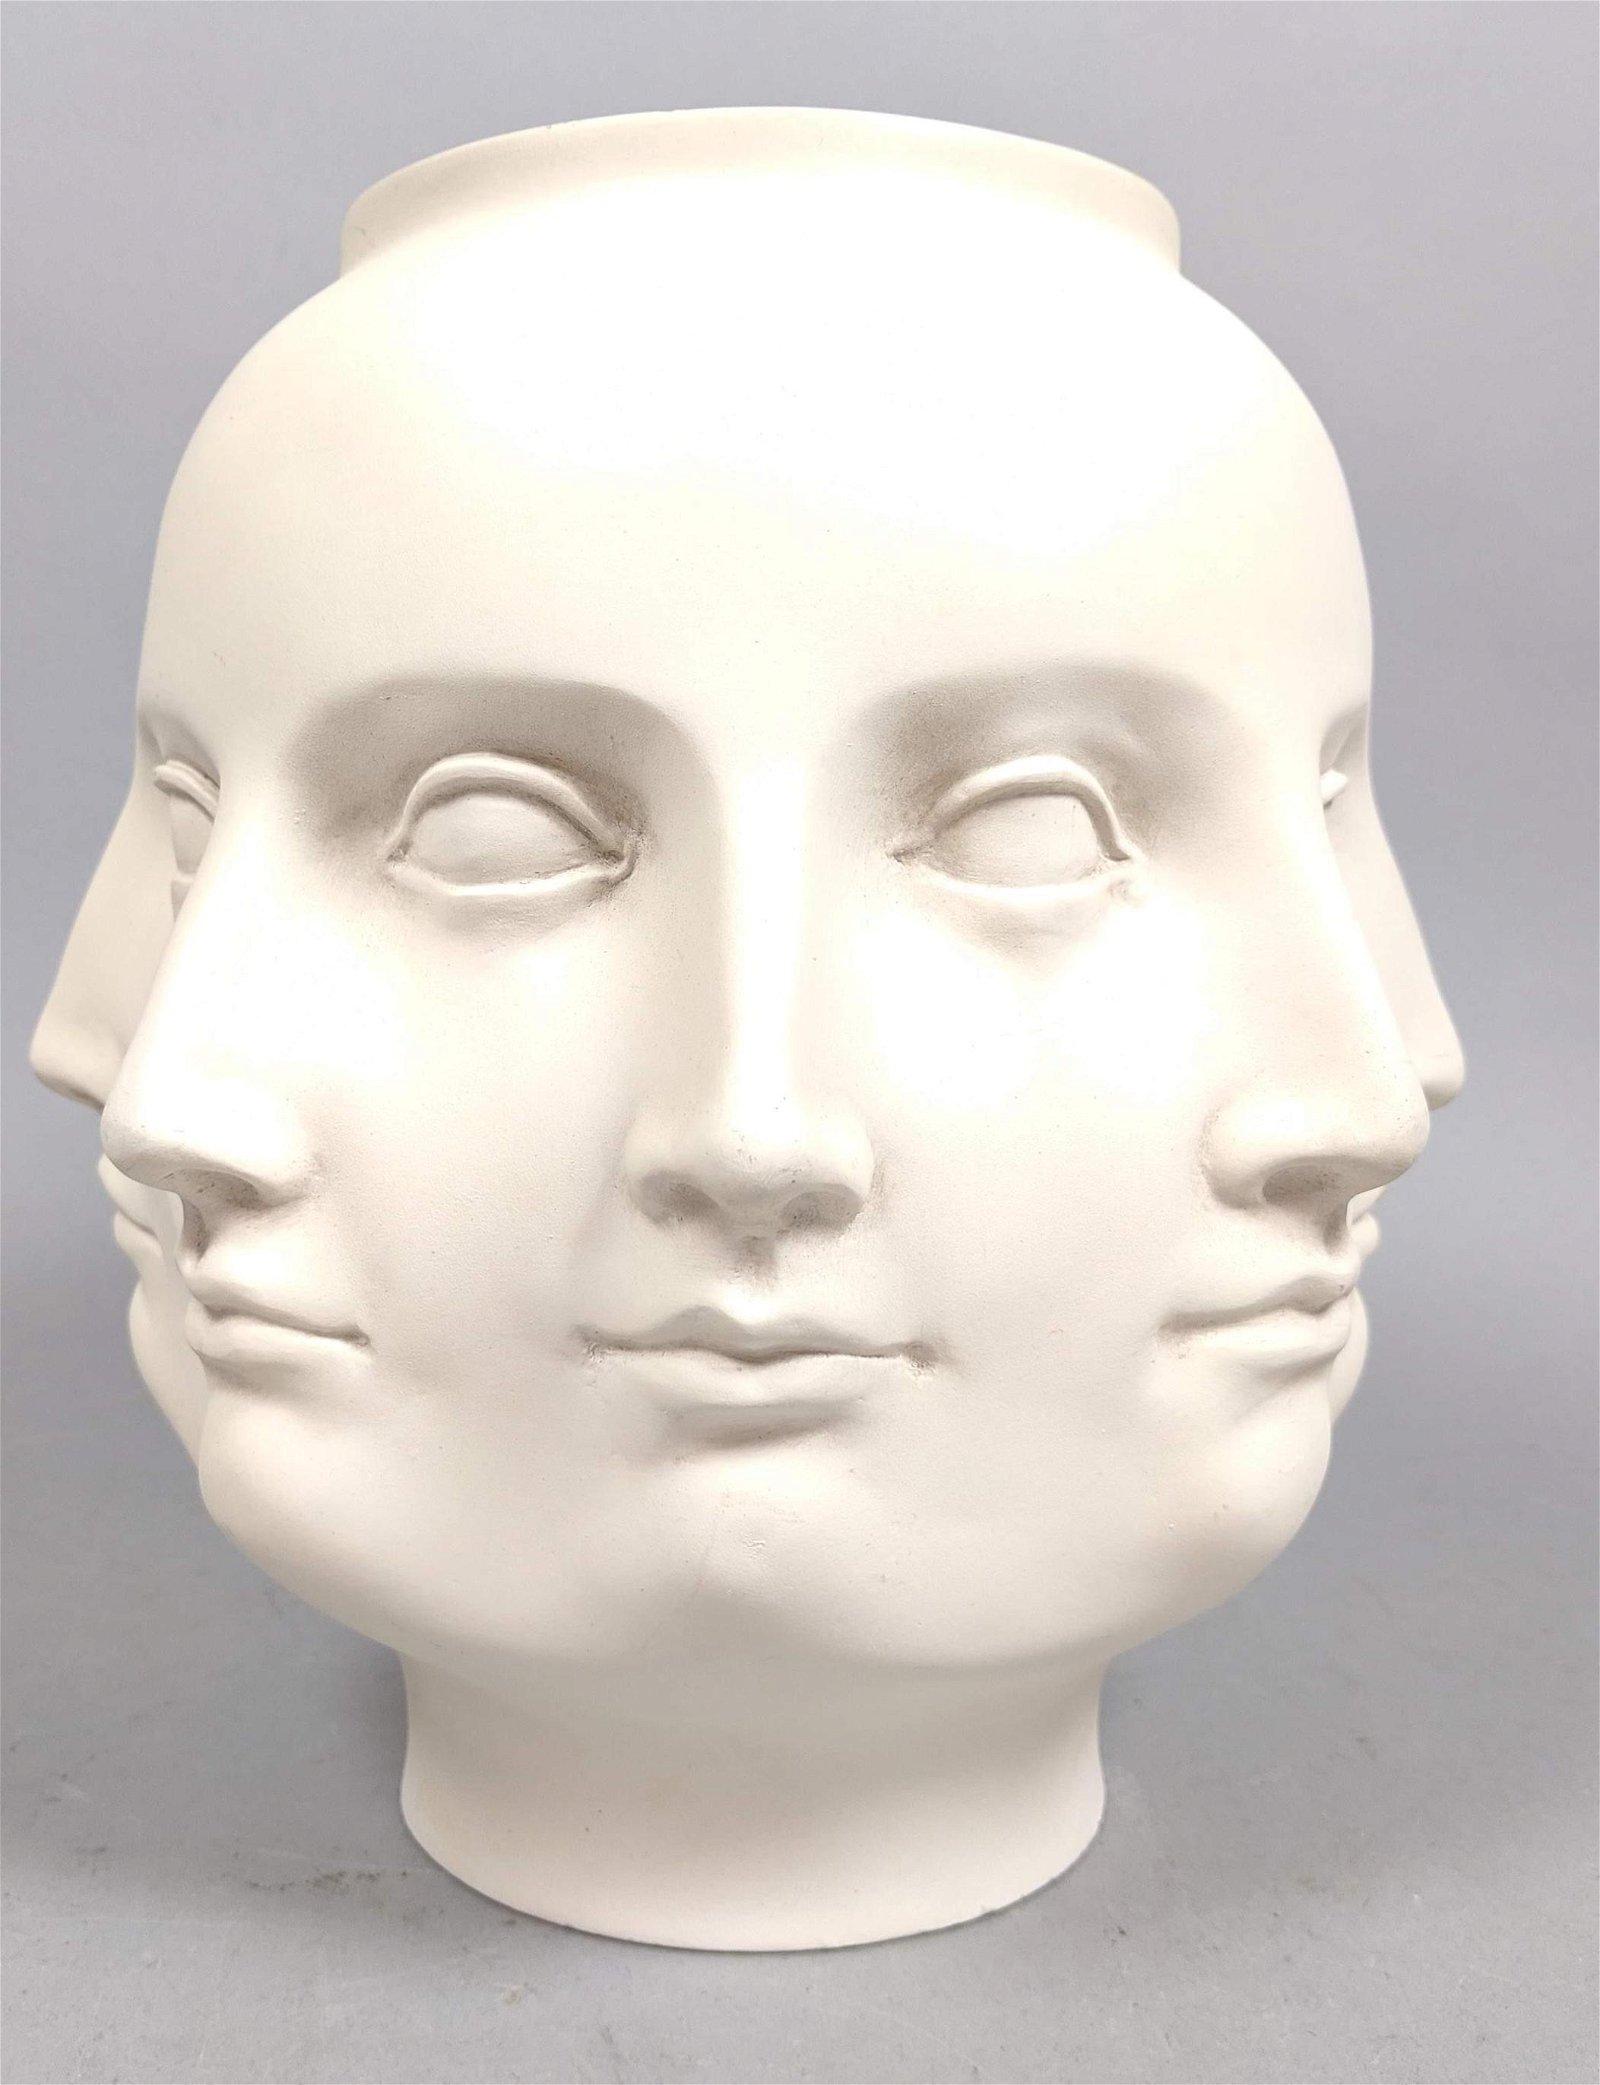 White Fornasetti Adler Style Perpetual Head Face Vase